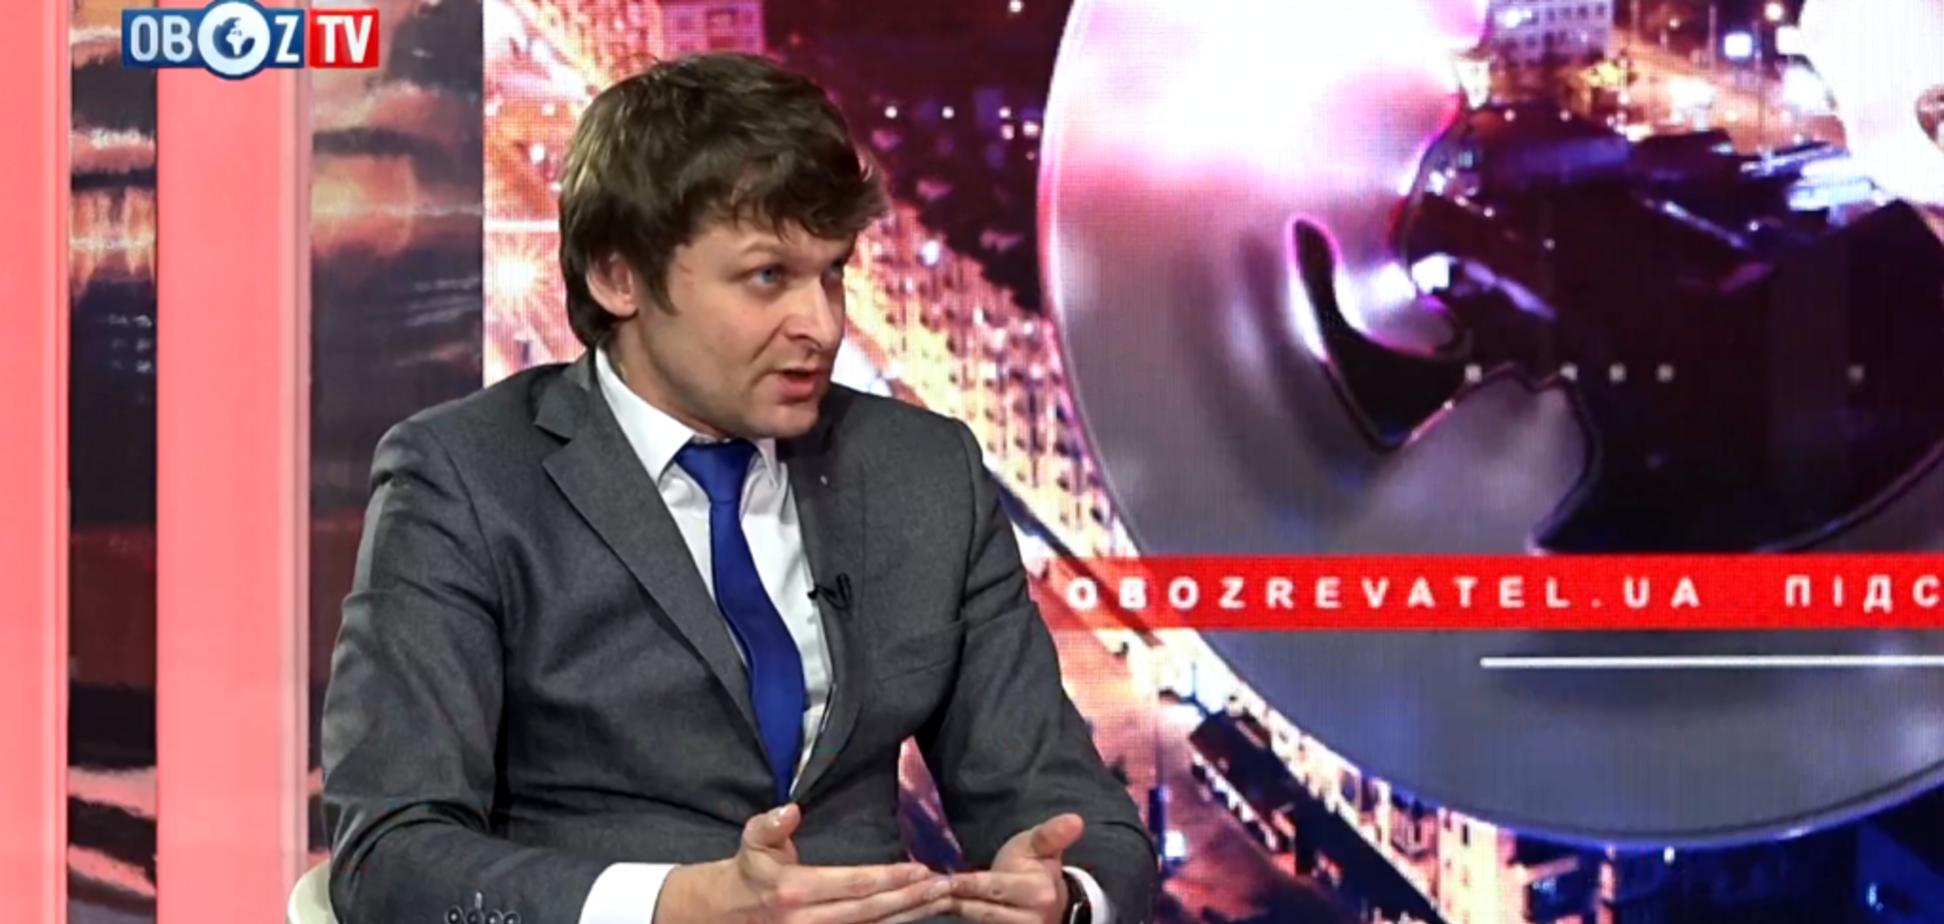 Штраф у 100 тисяч гривень: чиновник розповів, хто буде відловлювати липових ФОПів